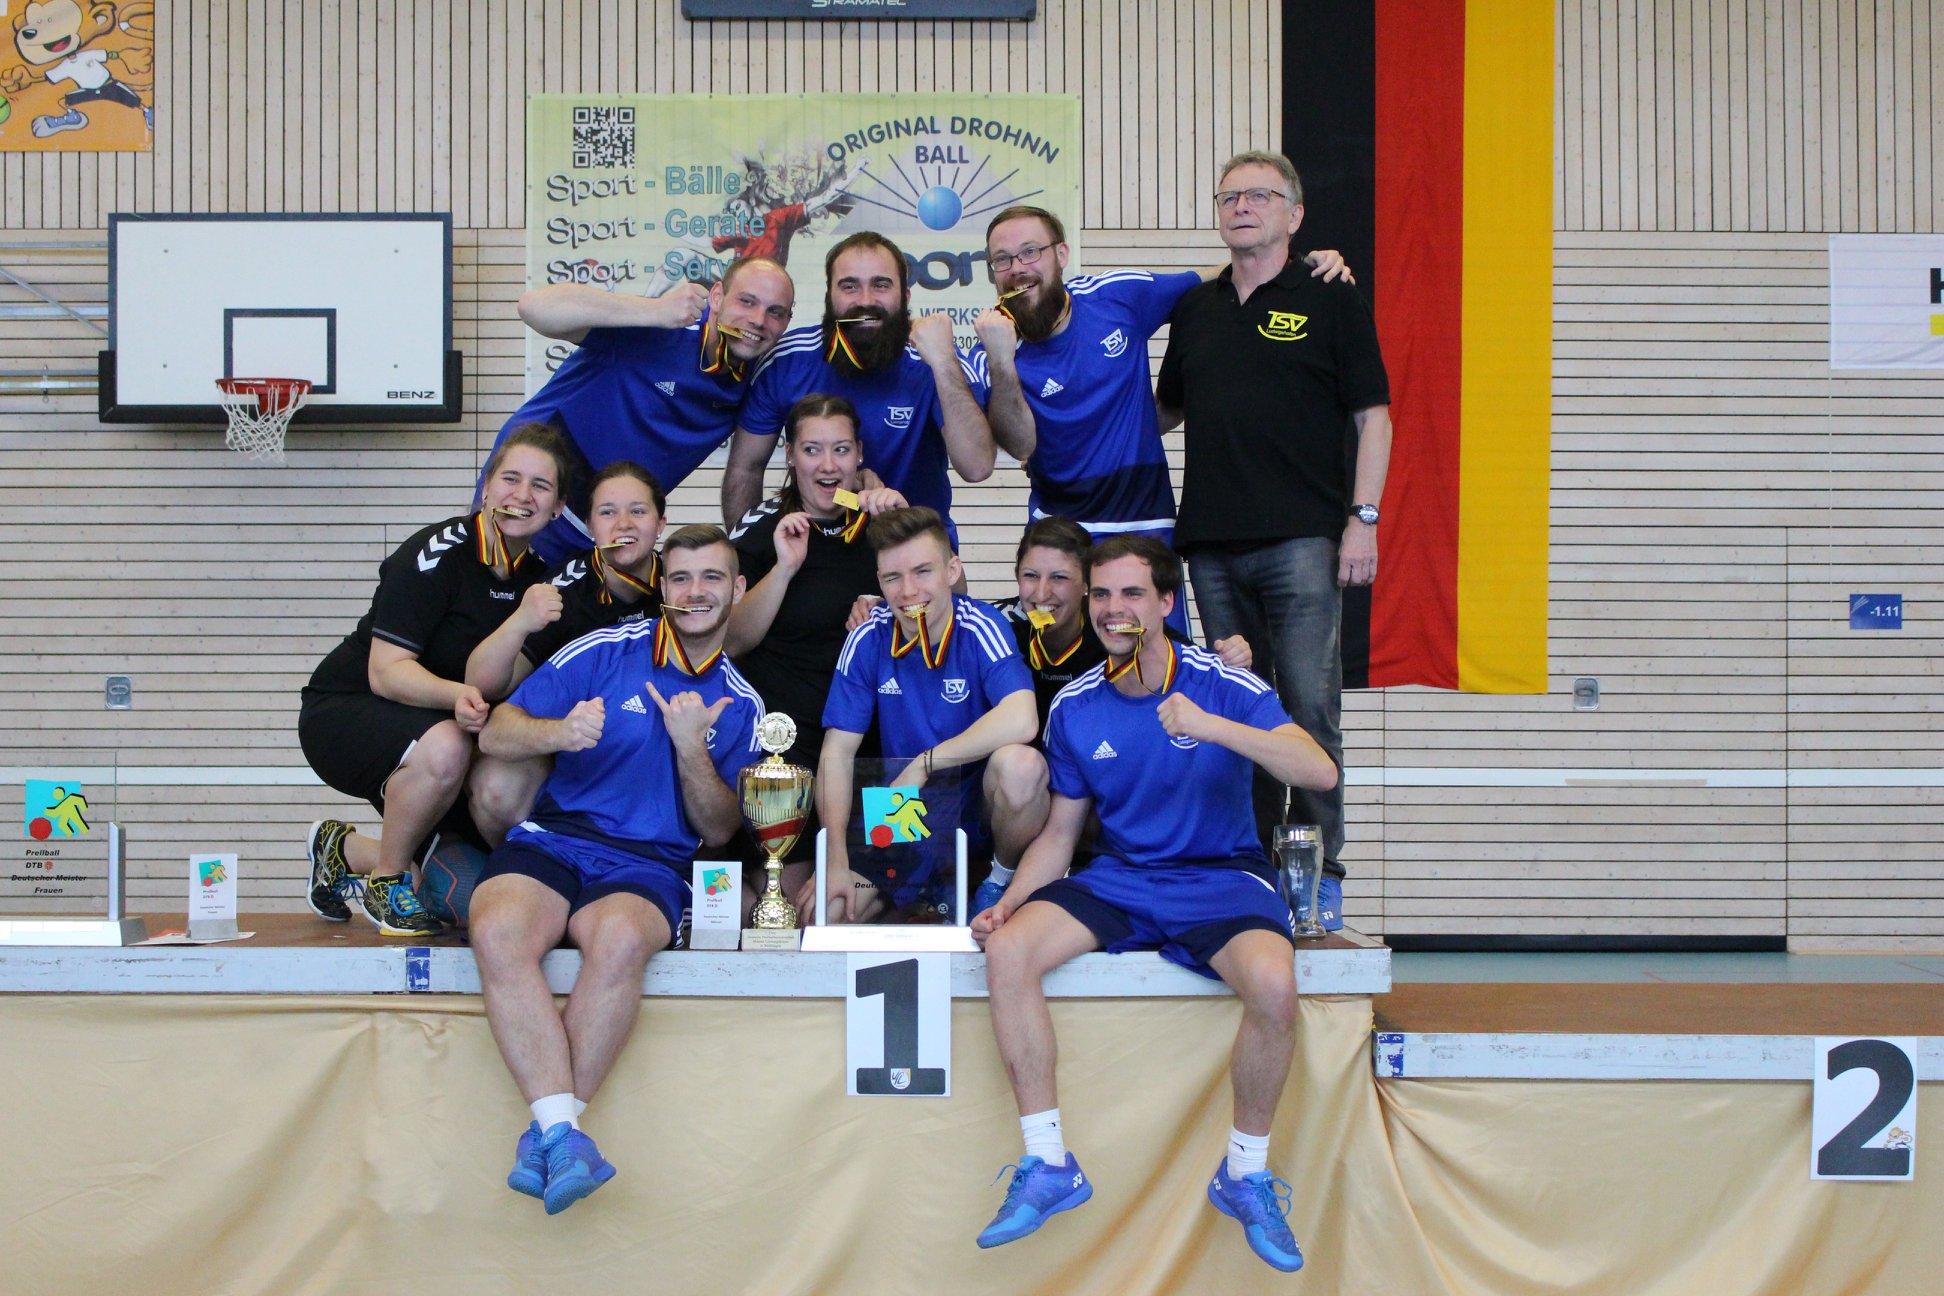 TSV Ludwigshafen und TV Freiburg St. Georgen auf dem Siegertreppchen